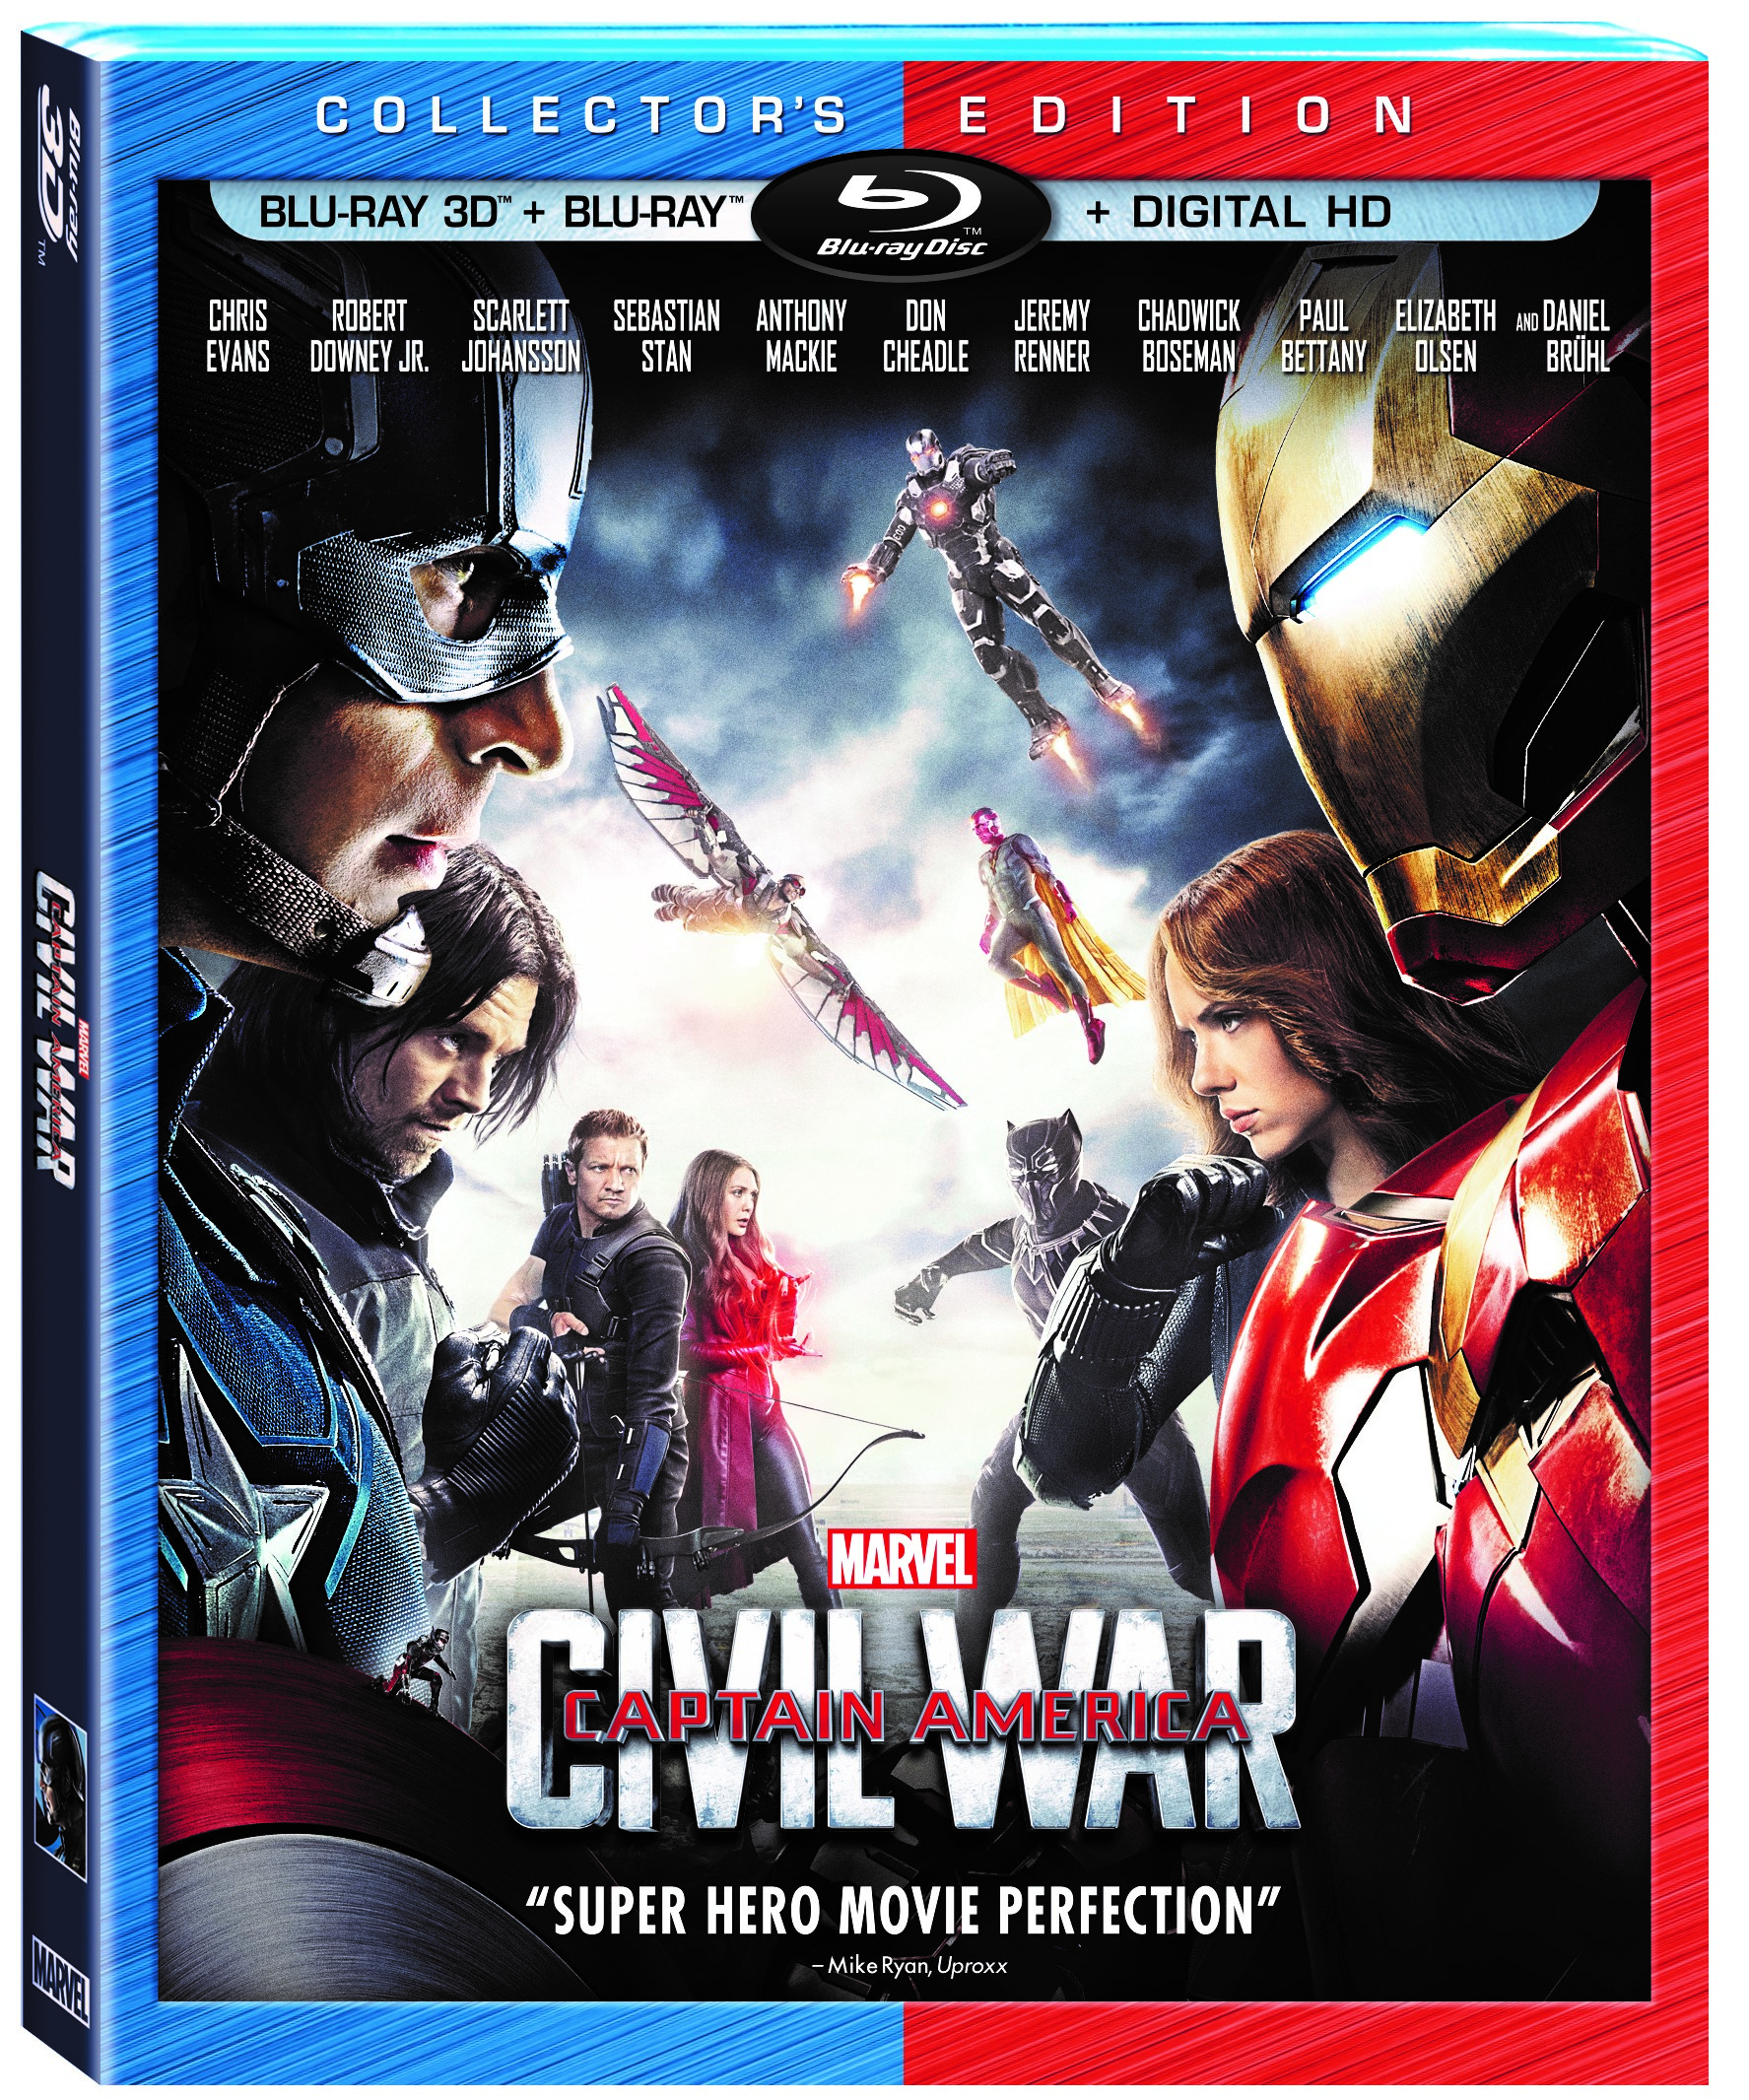 CAPTAIN AMERICA: CIVIL WAR ~ Bonus Features  #CaptainAmerica